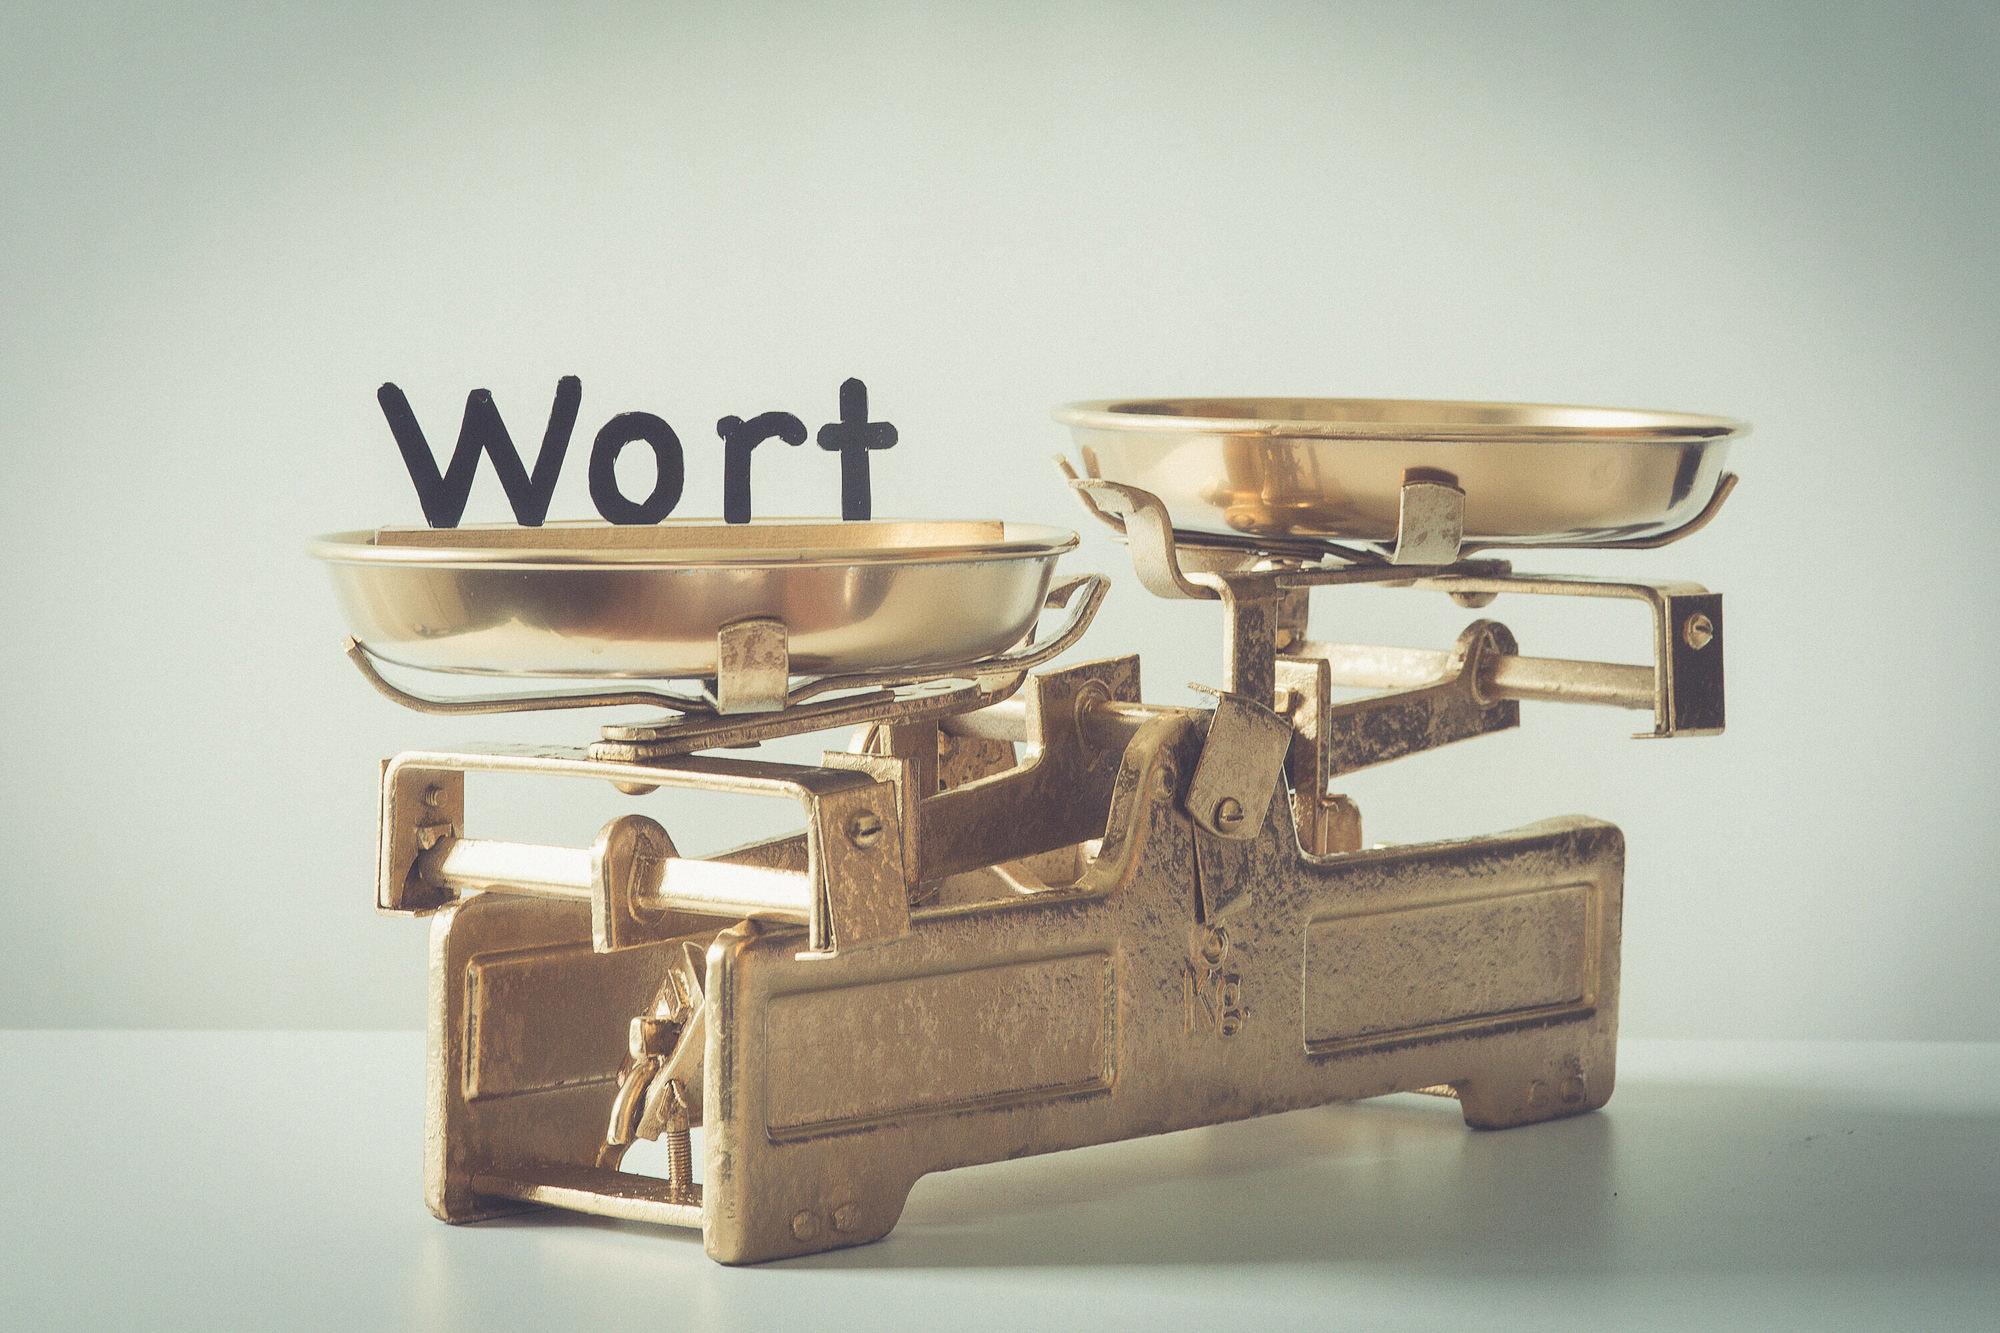 das Wort auf der Goldwaage